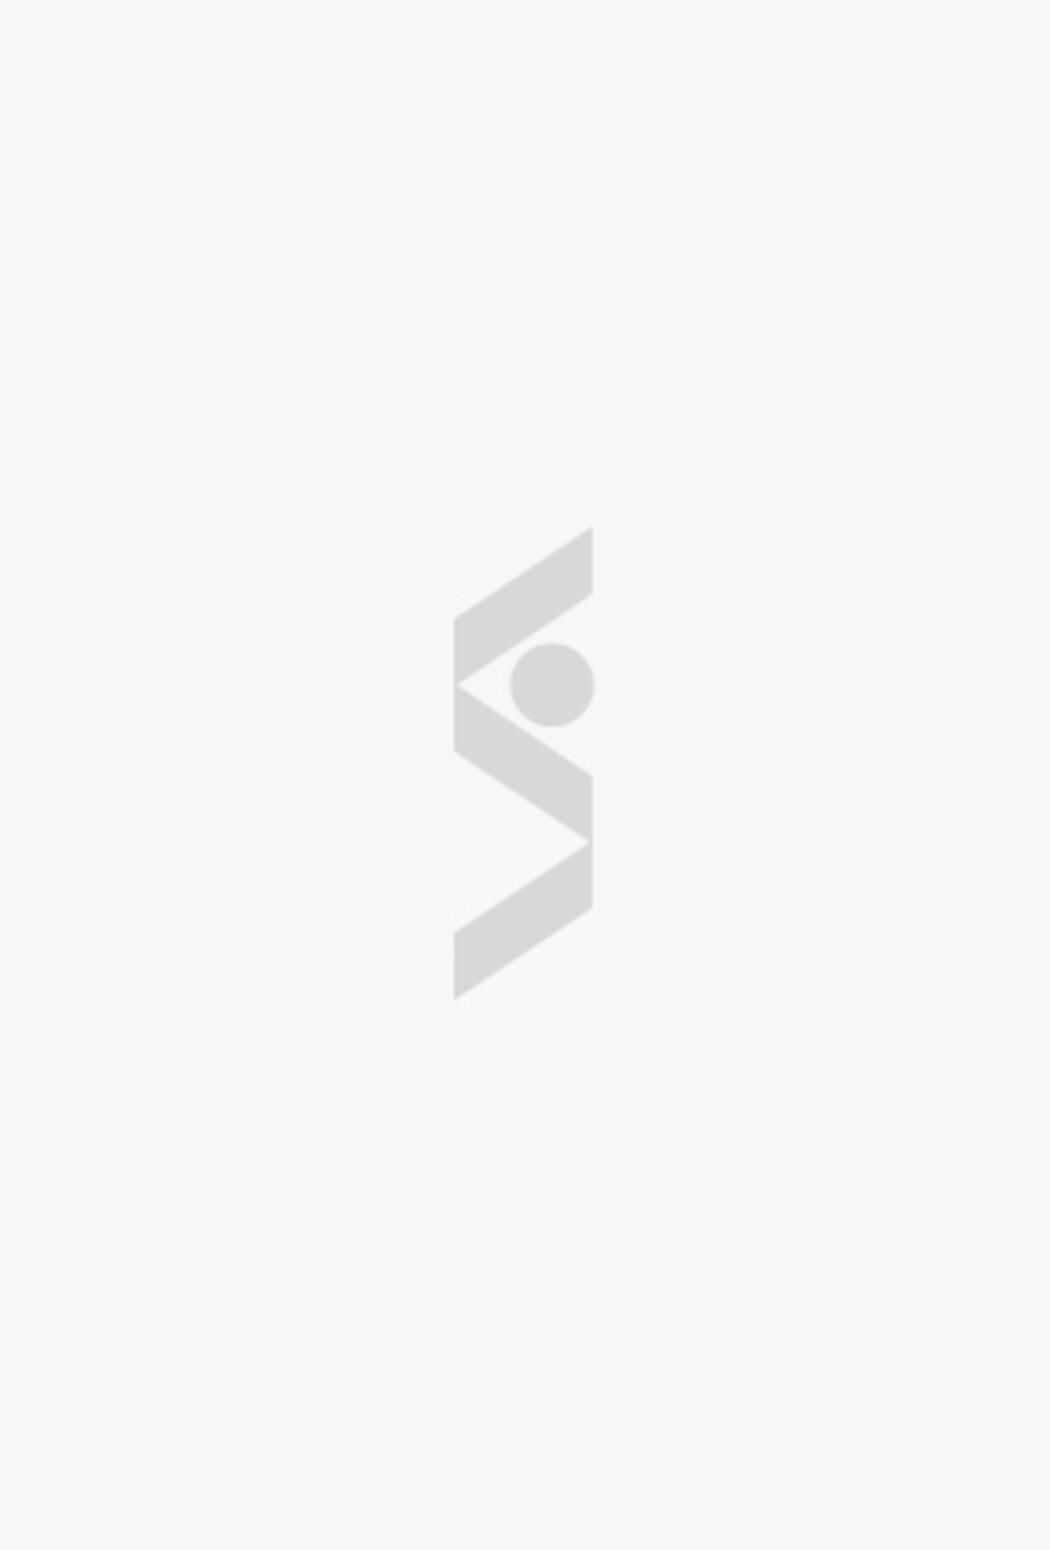 Толстовка с карманами Freestyle - скоро в продаже в интернет-магазине СТОКМАНН в Москве